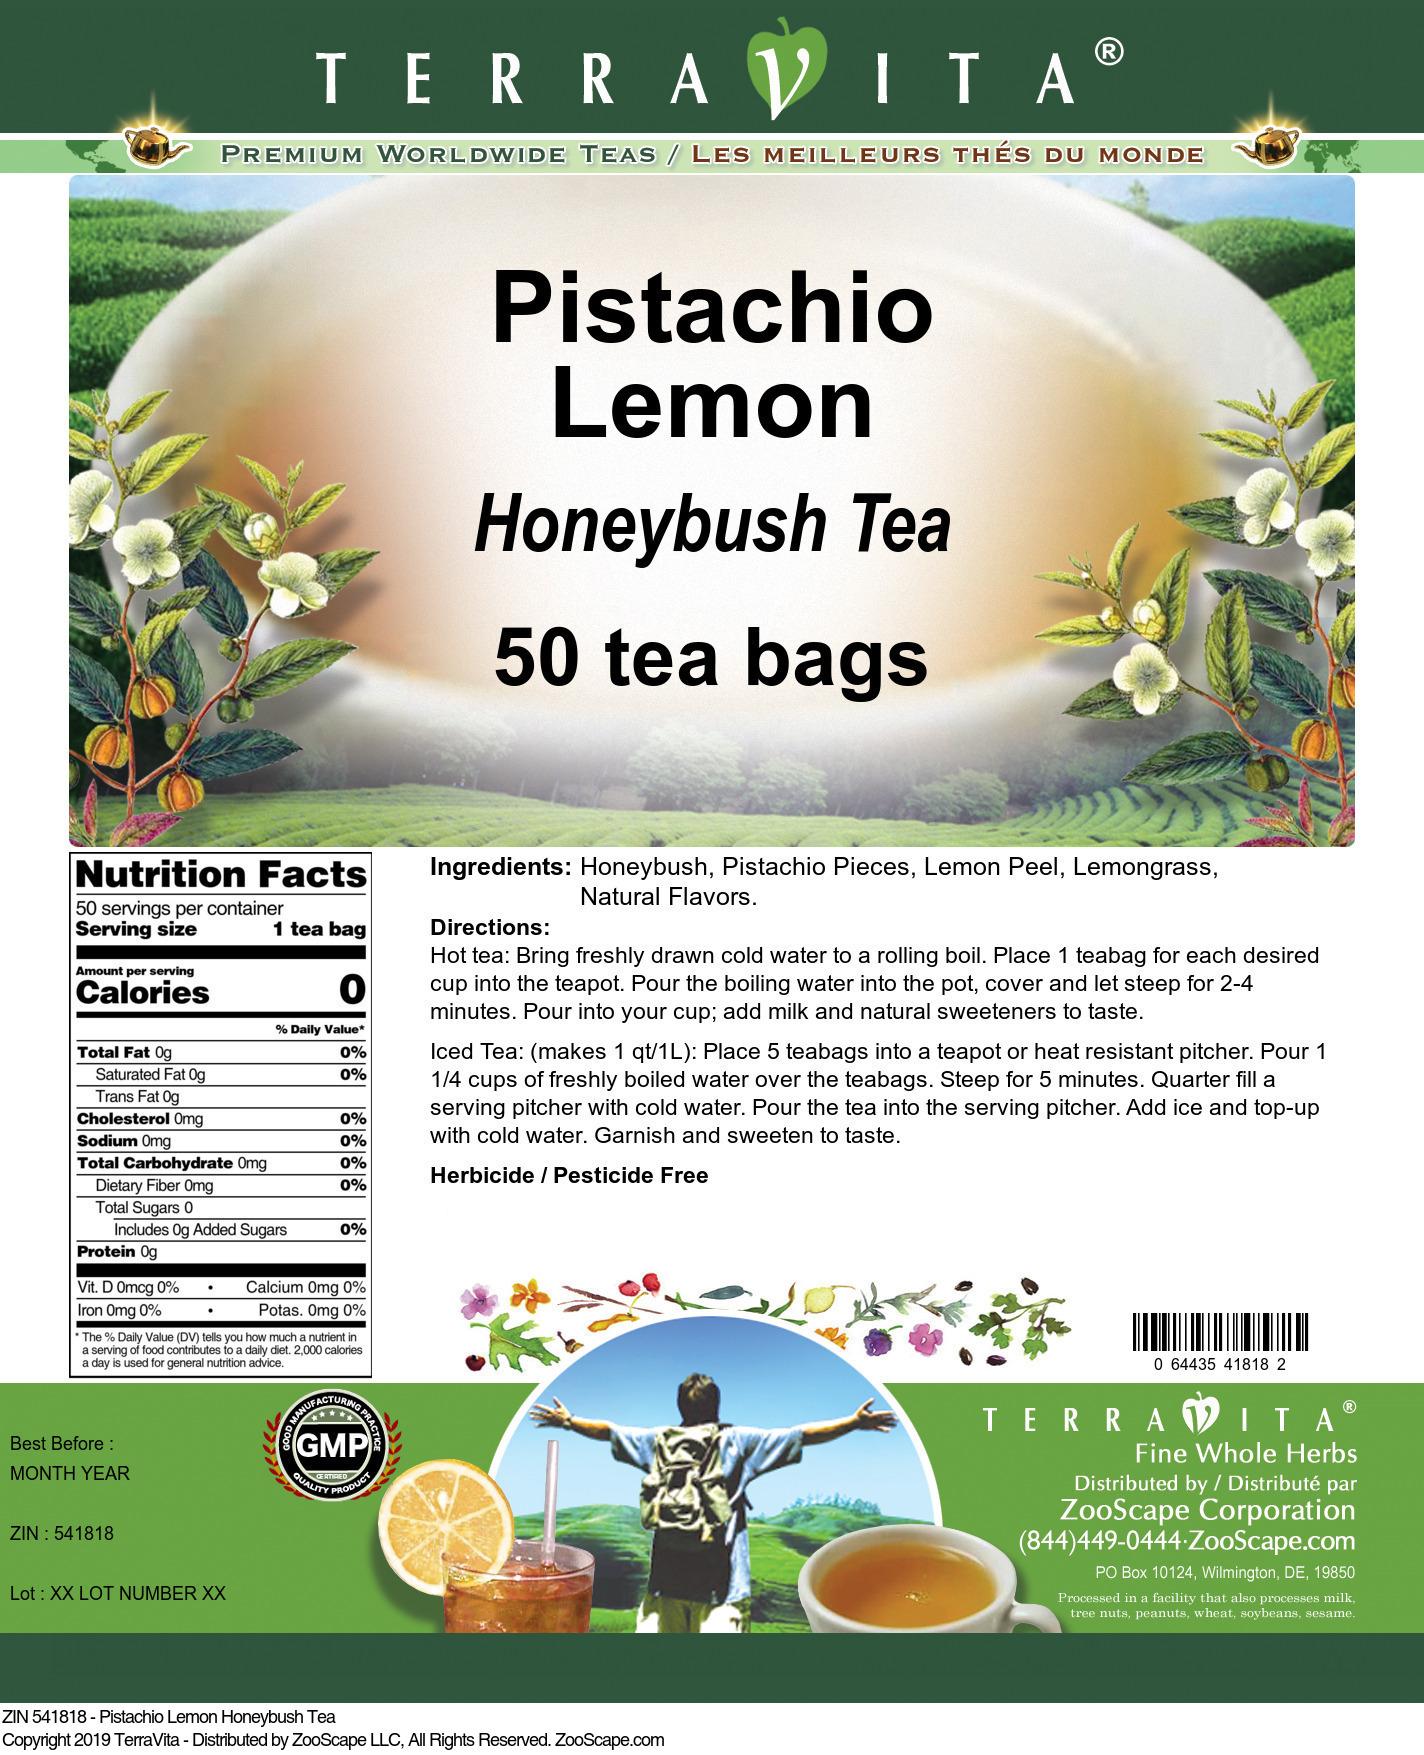 Pistachio Lemon Honeybush Tea